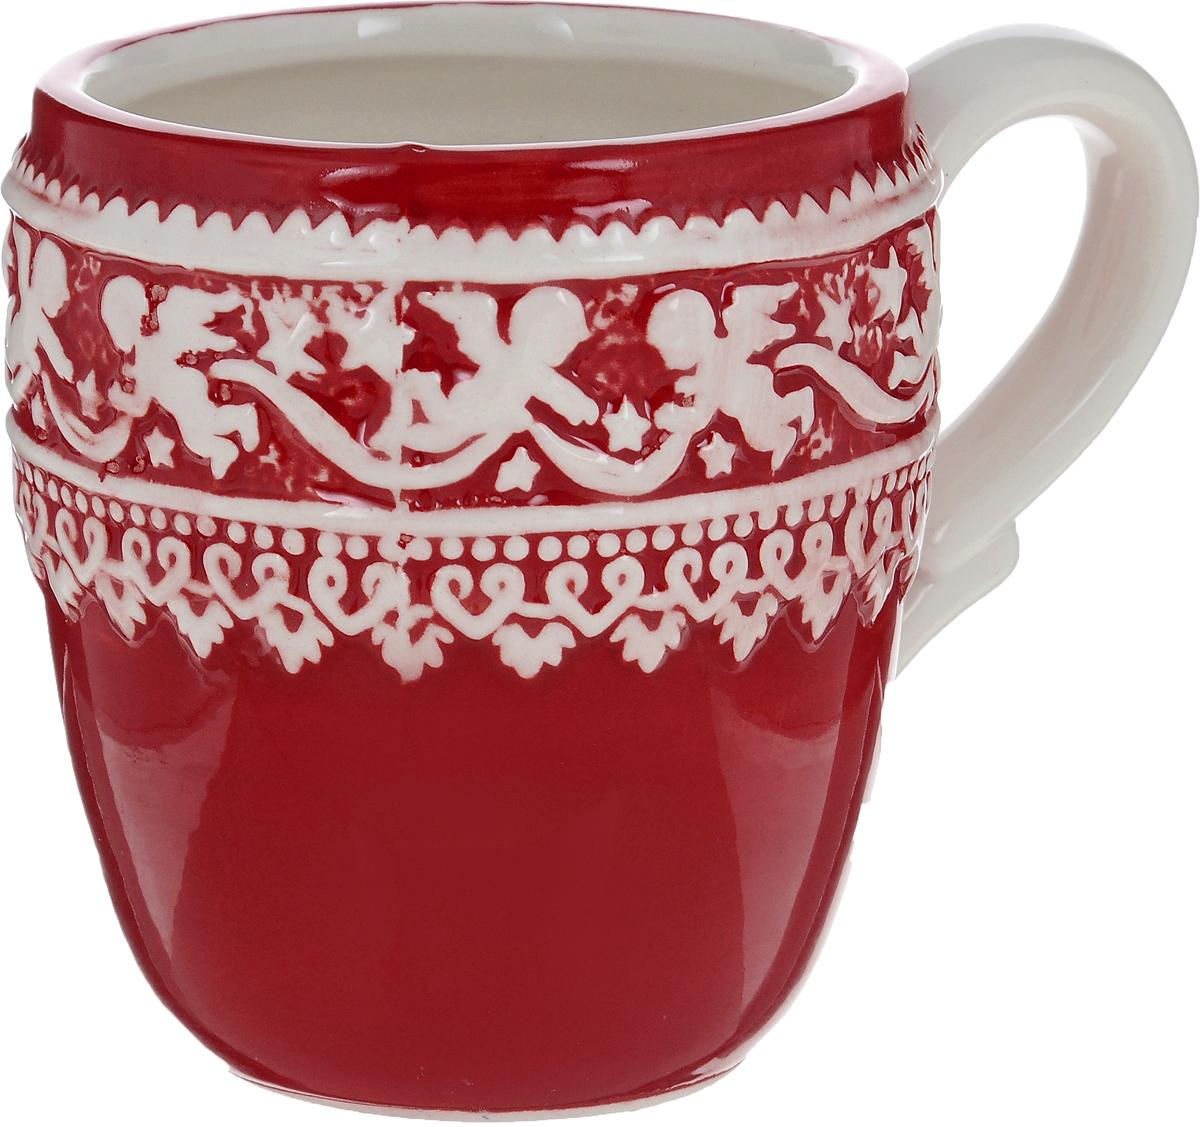 Кружка Family & Friends Рождественский узор, 400 млNH15B613R..Кружка Family & Friends Рождественский узор изготовлена из качественной глазурованной керамики. Внешние стенки изделия декорированы красивым рельефным орнаментом в виде ангелочков. Такая кружка согреет вас горячим напитком и станет неизменным атрибутом чаепития. Не рекомендуется использовать в микроволновой печи и мыть в посудомоечной машине.